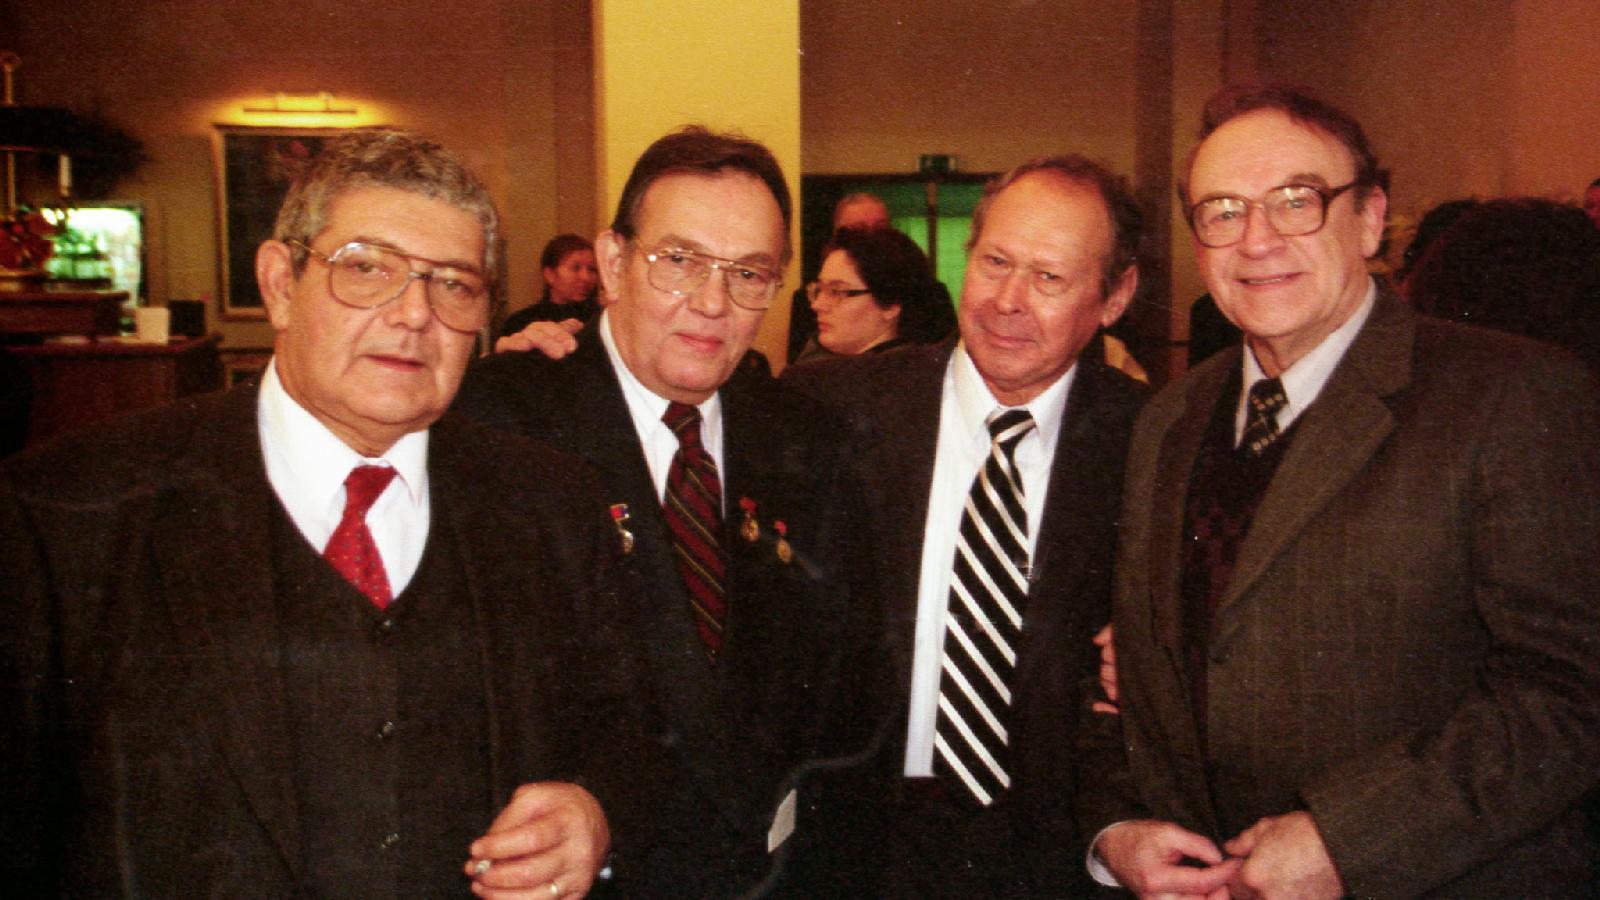 Вместе с Игорем Кирилловым и Фаридом Сейфуль-Мулюковым впервые получили премию «Лучшие перья России», 1999 год Слева Виктор Самарин, комментатор Гостелерадио